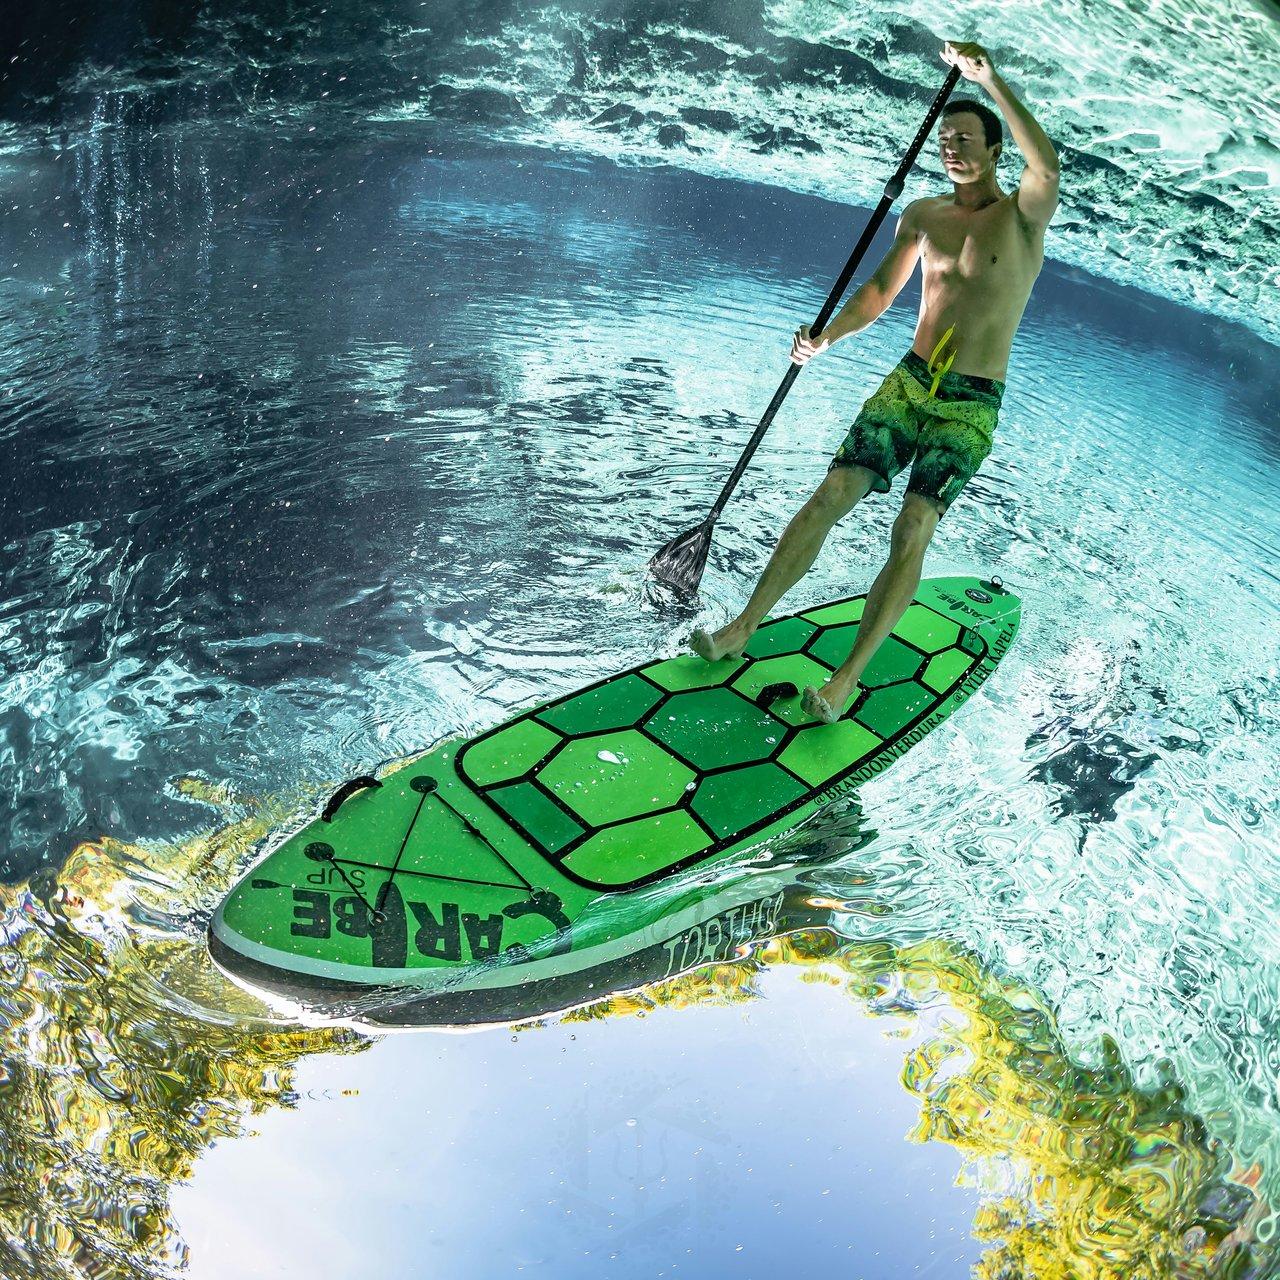 Tortuga Paddleboard by Caribe SUP